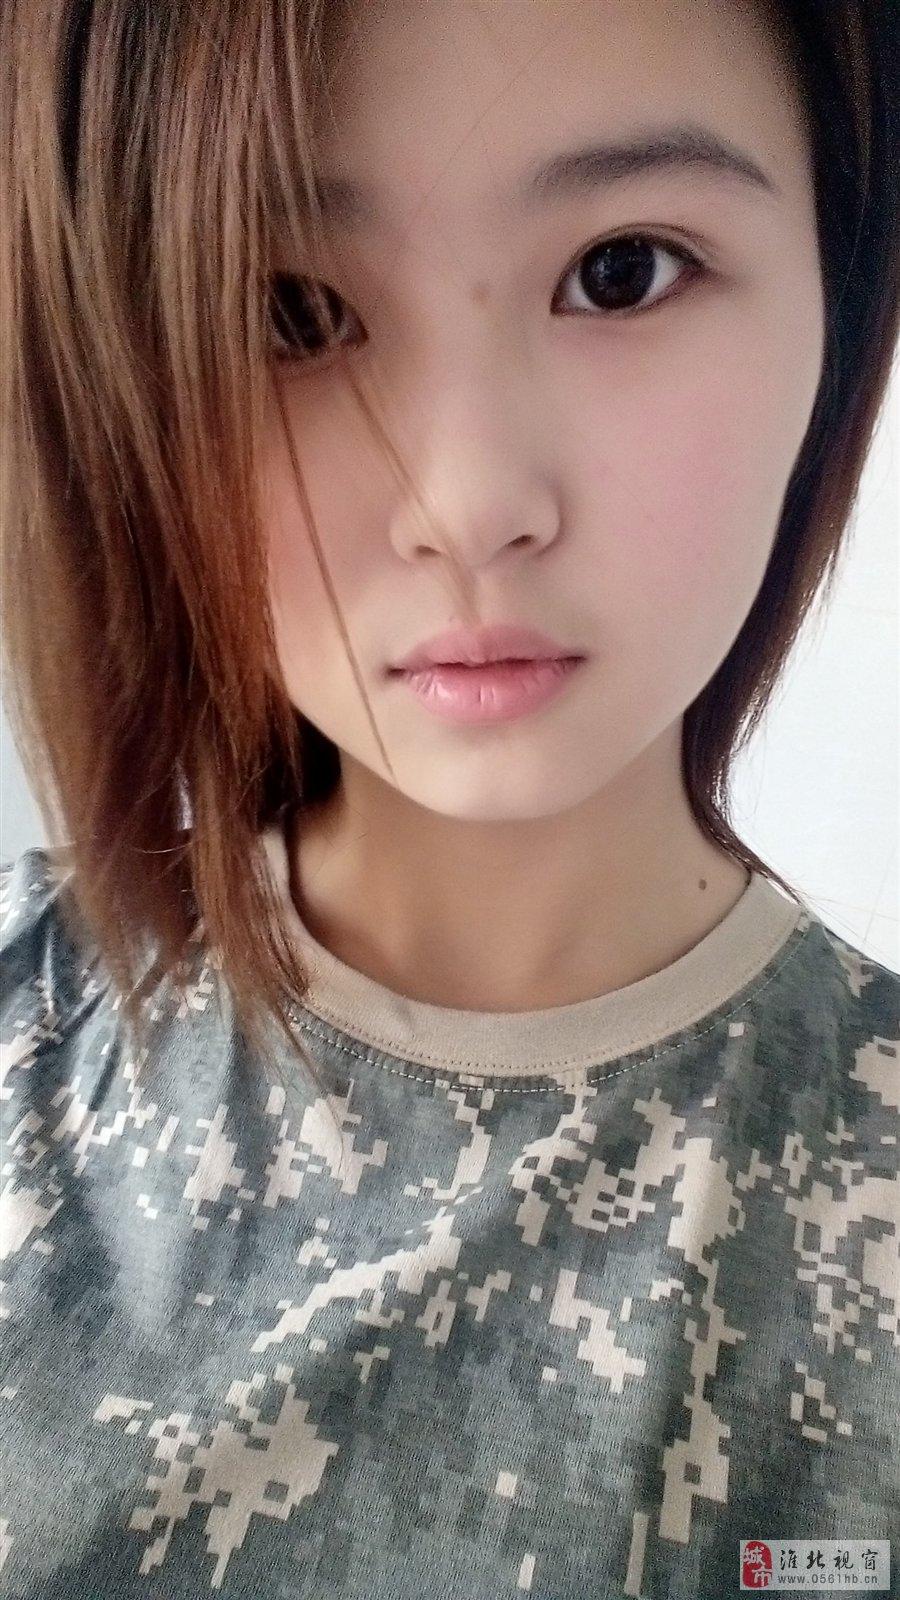 【美女秀场】张玉婉